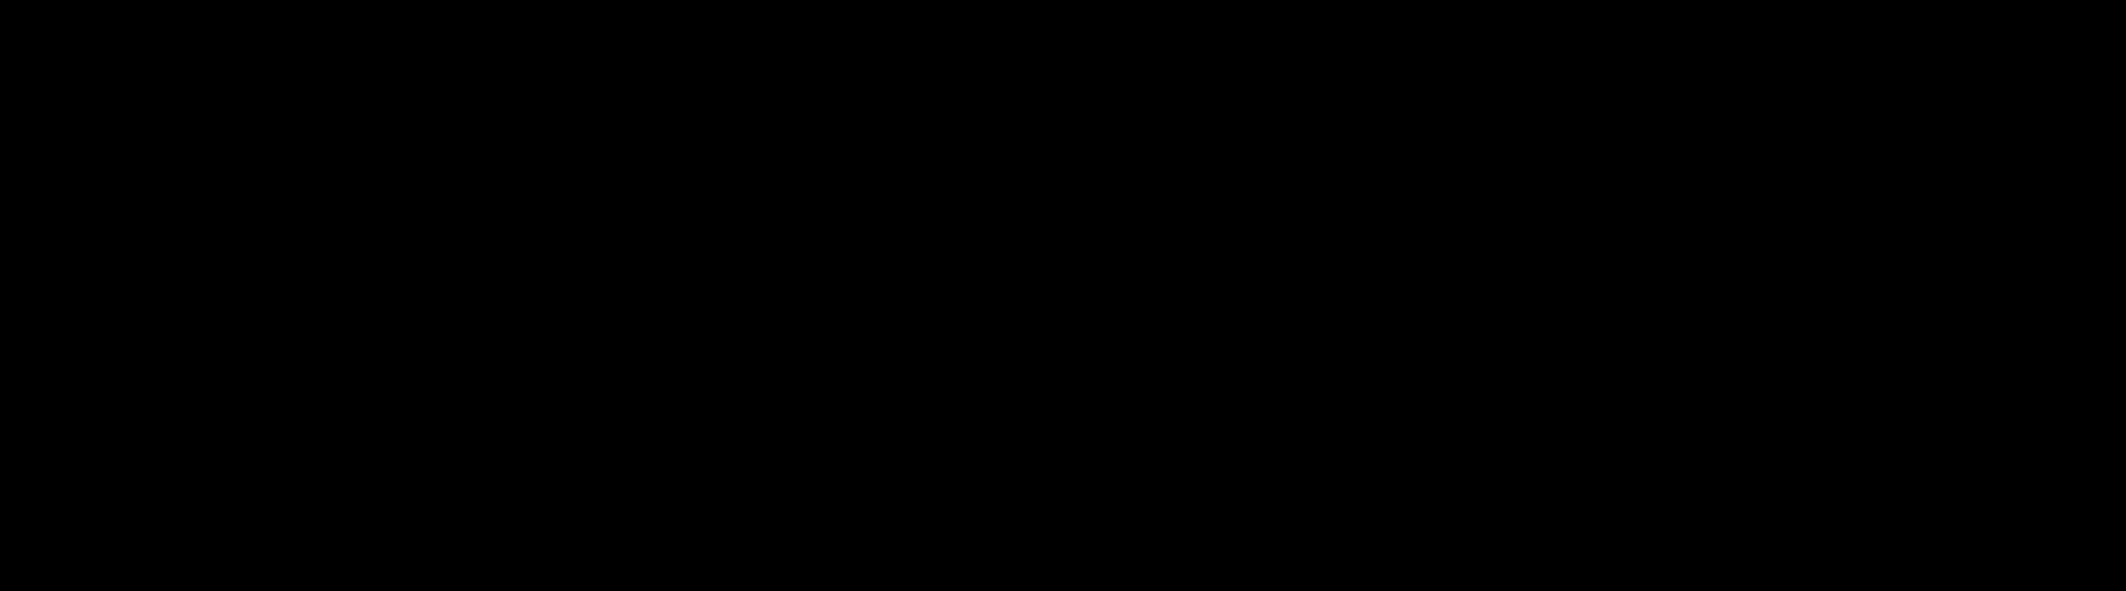 AT50B